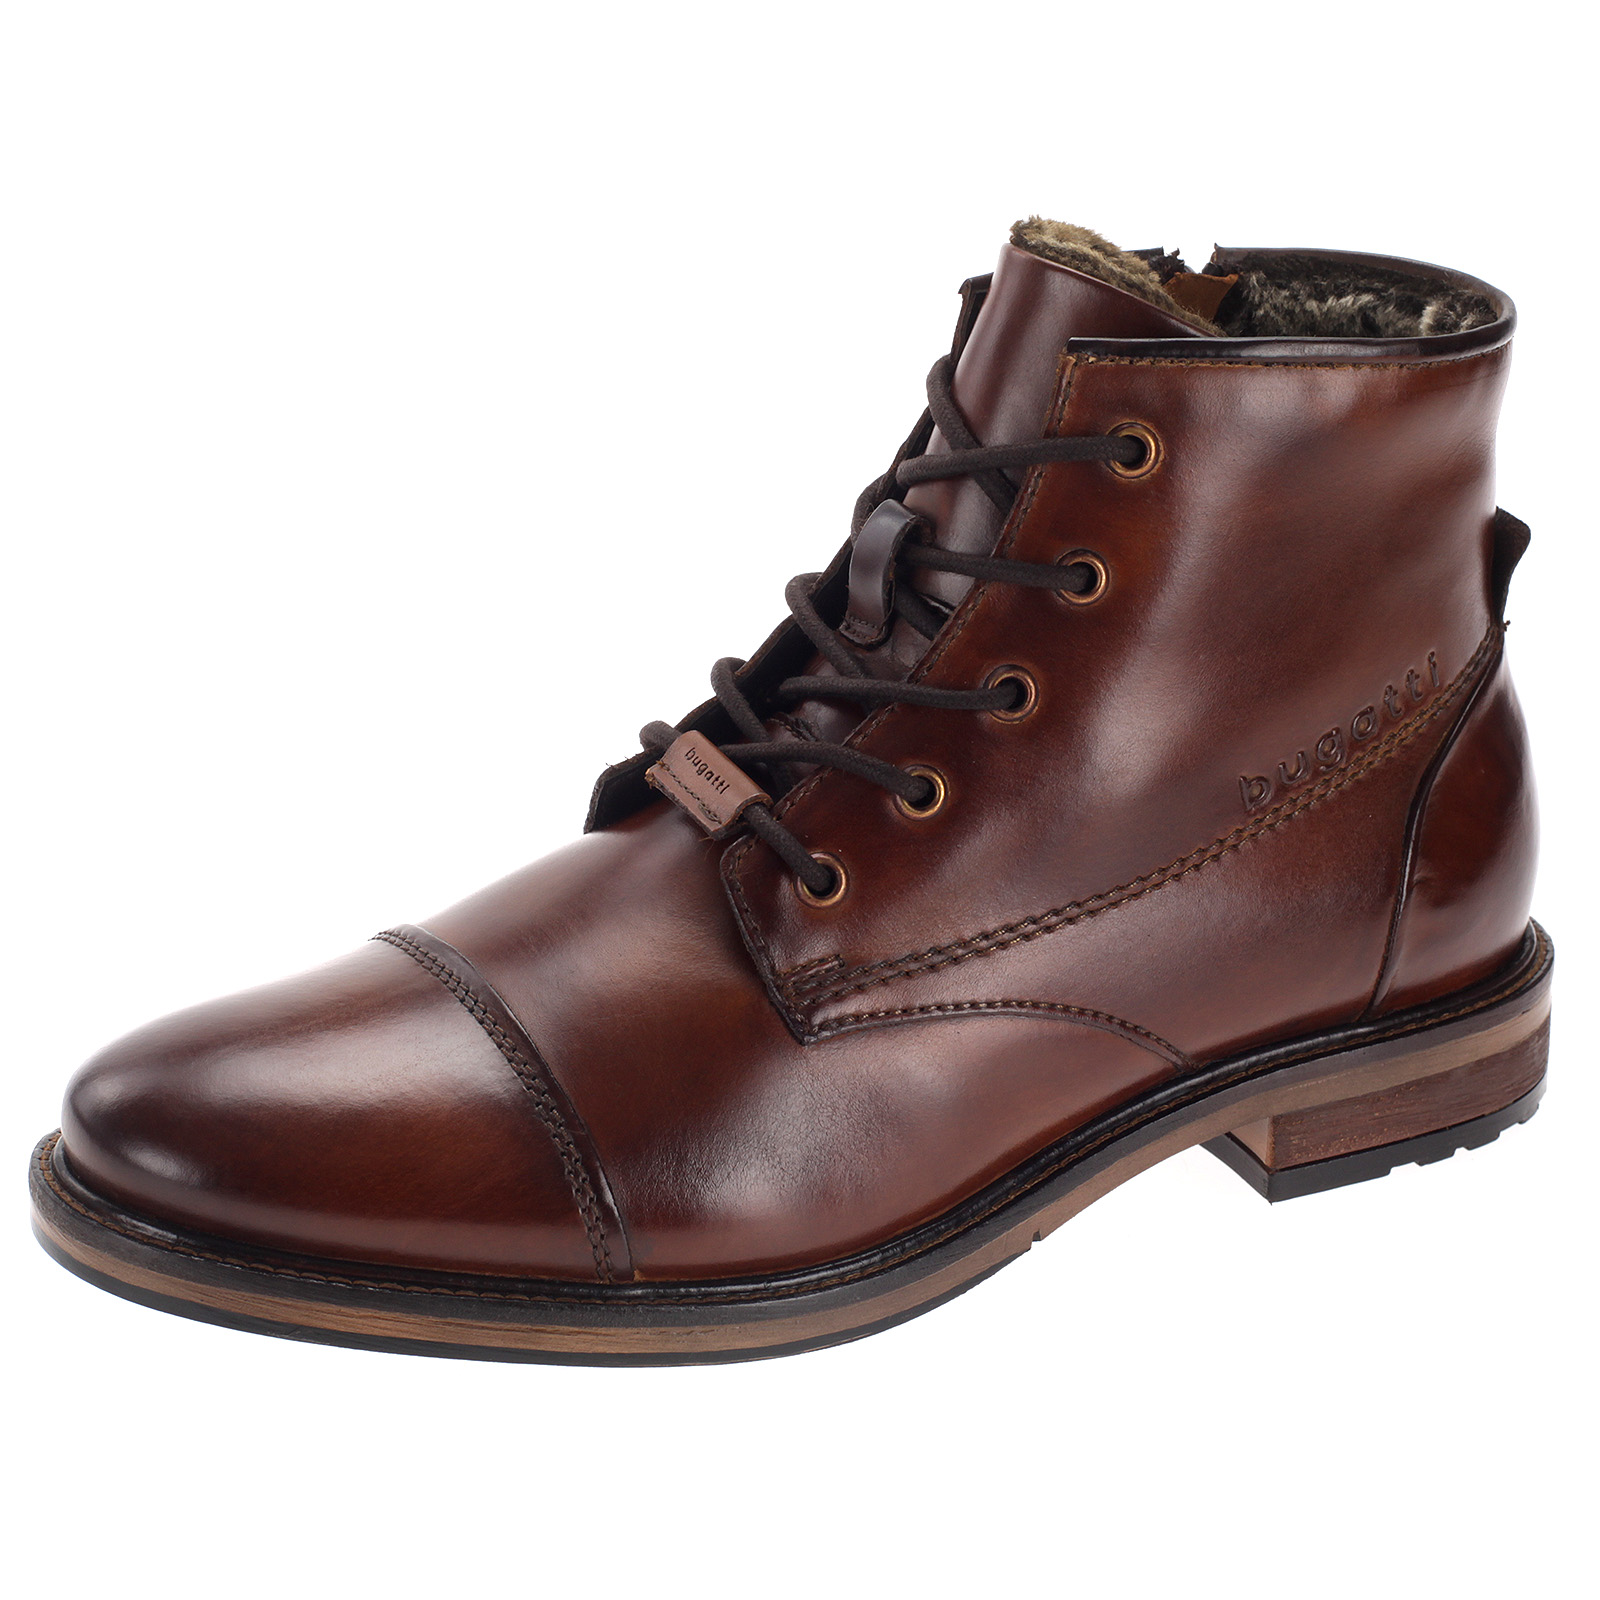 Bugatti Herren Stiefel Leder Boots Gefüttert Business Schuhe Elegant Braun 331-78252-1000-6300